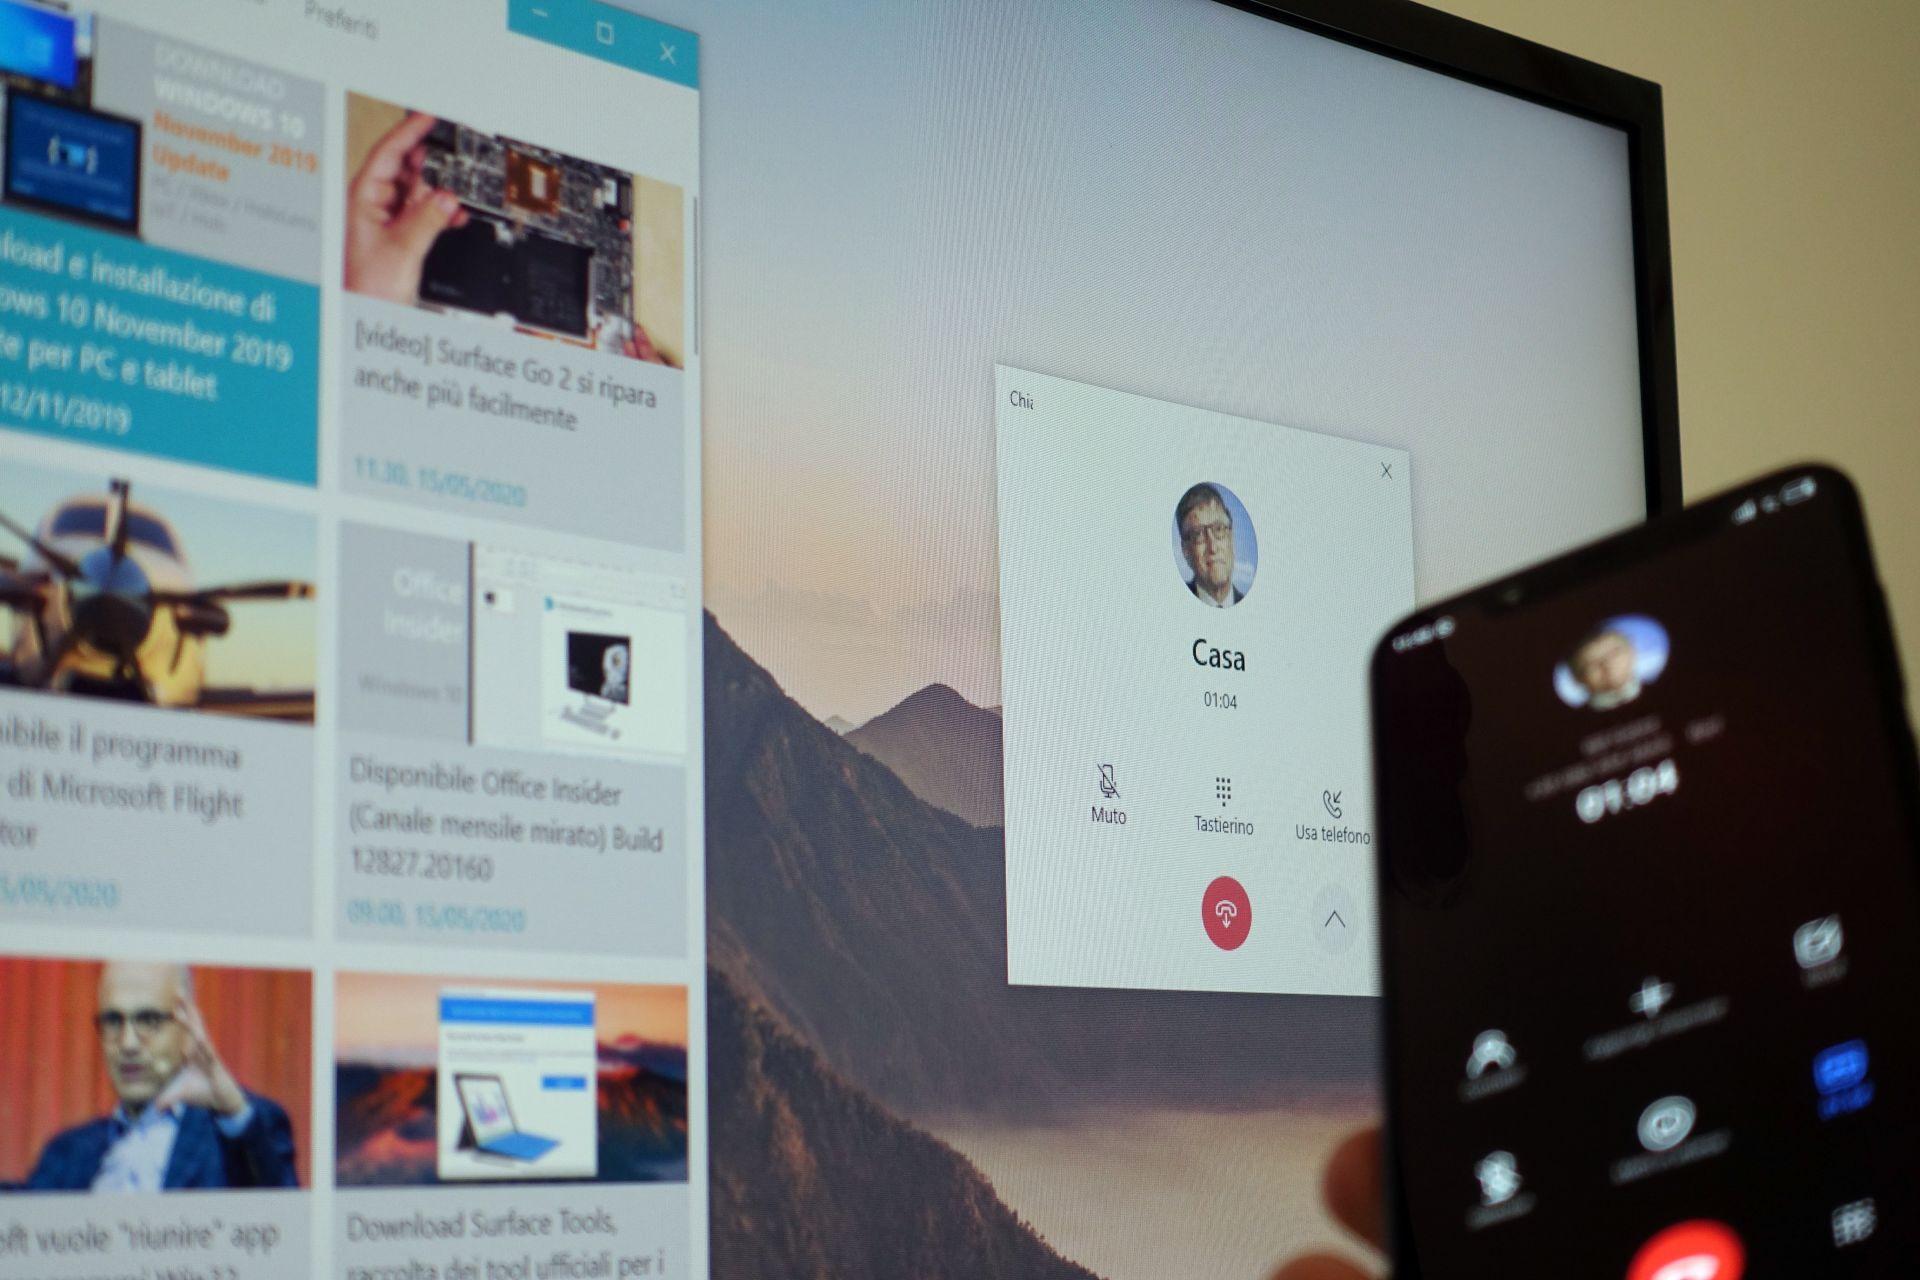 Chiamate sincronizzate sul PC con Windows 10 grazie all'adattatore Bluetooth USB400 di ASUS